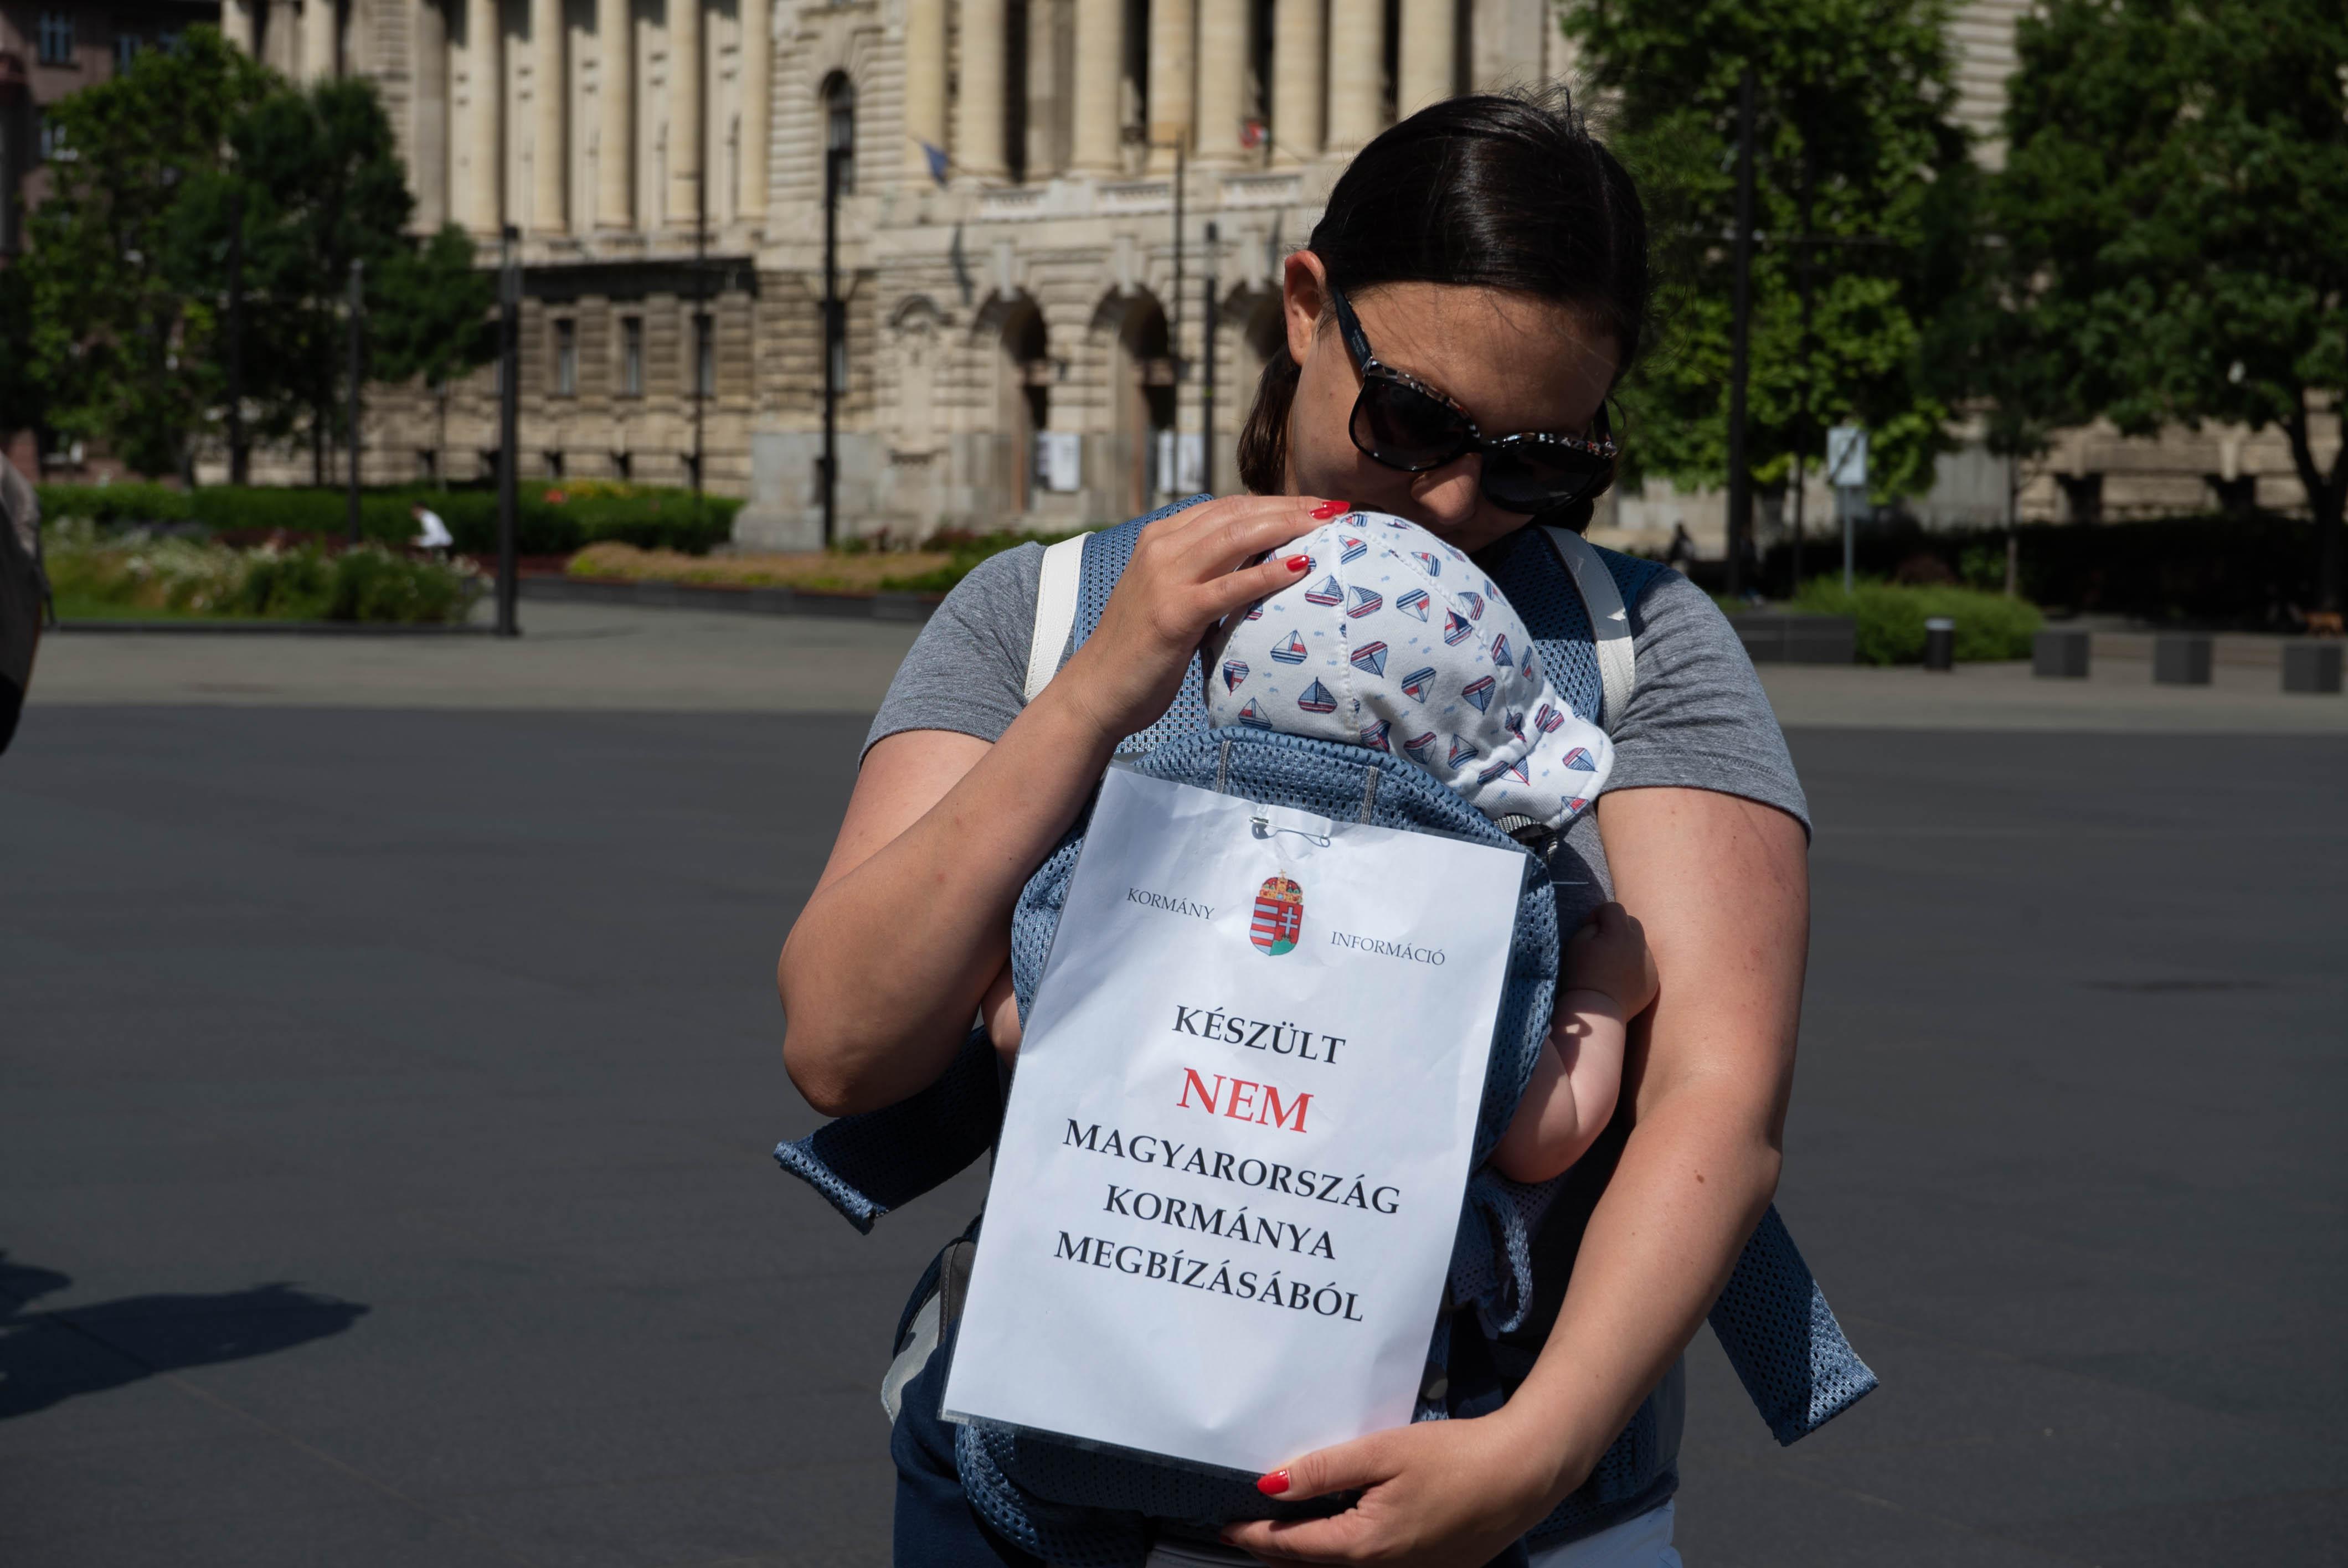 Magyar párok külföldre menekülnek a meddőségi klinikák államosítása elől